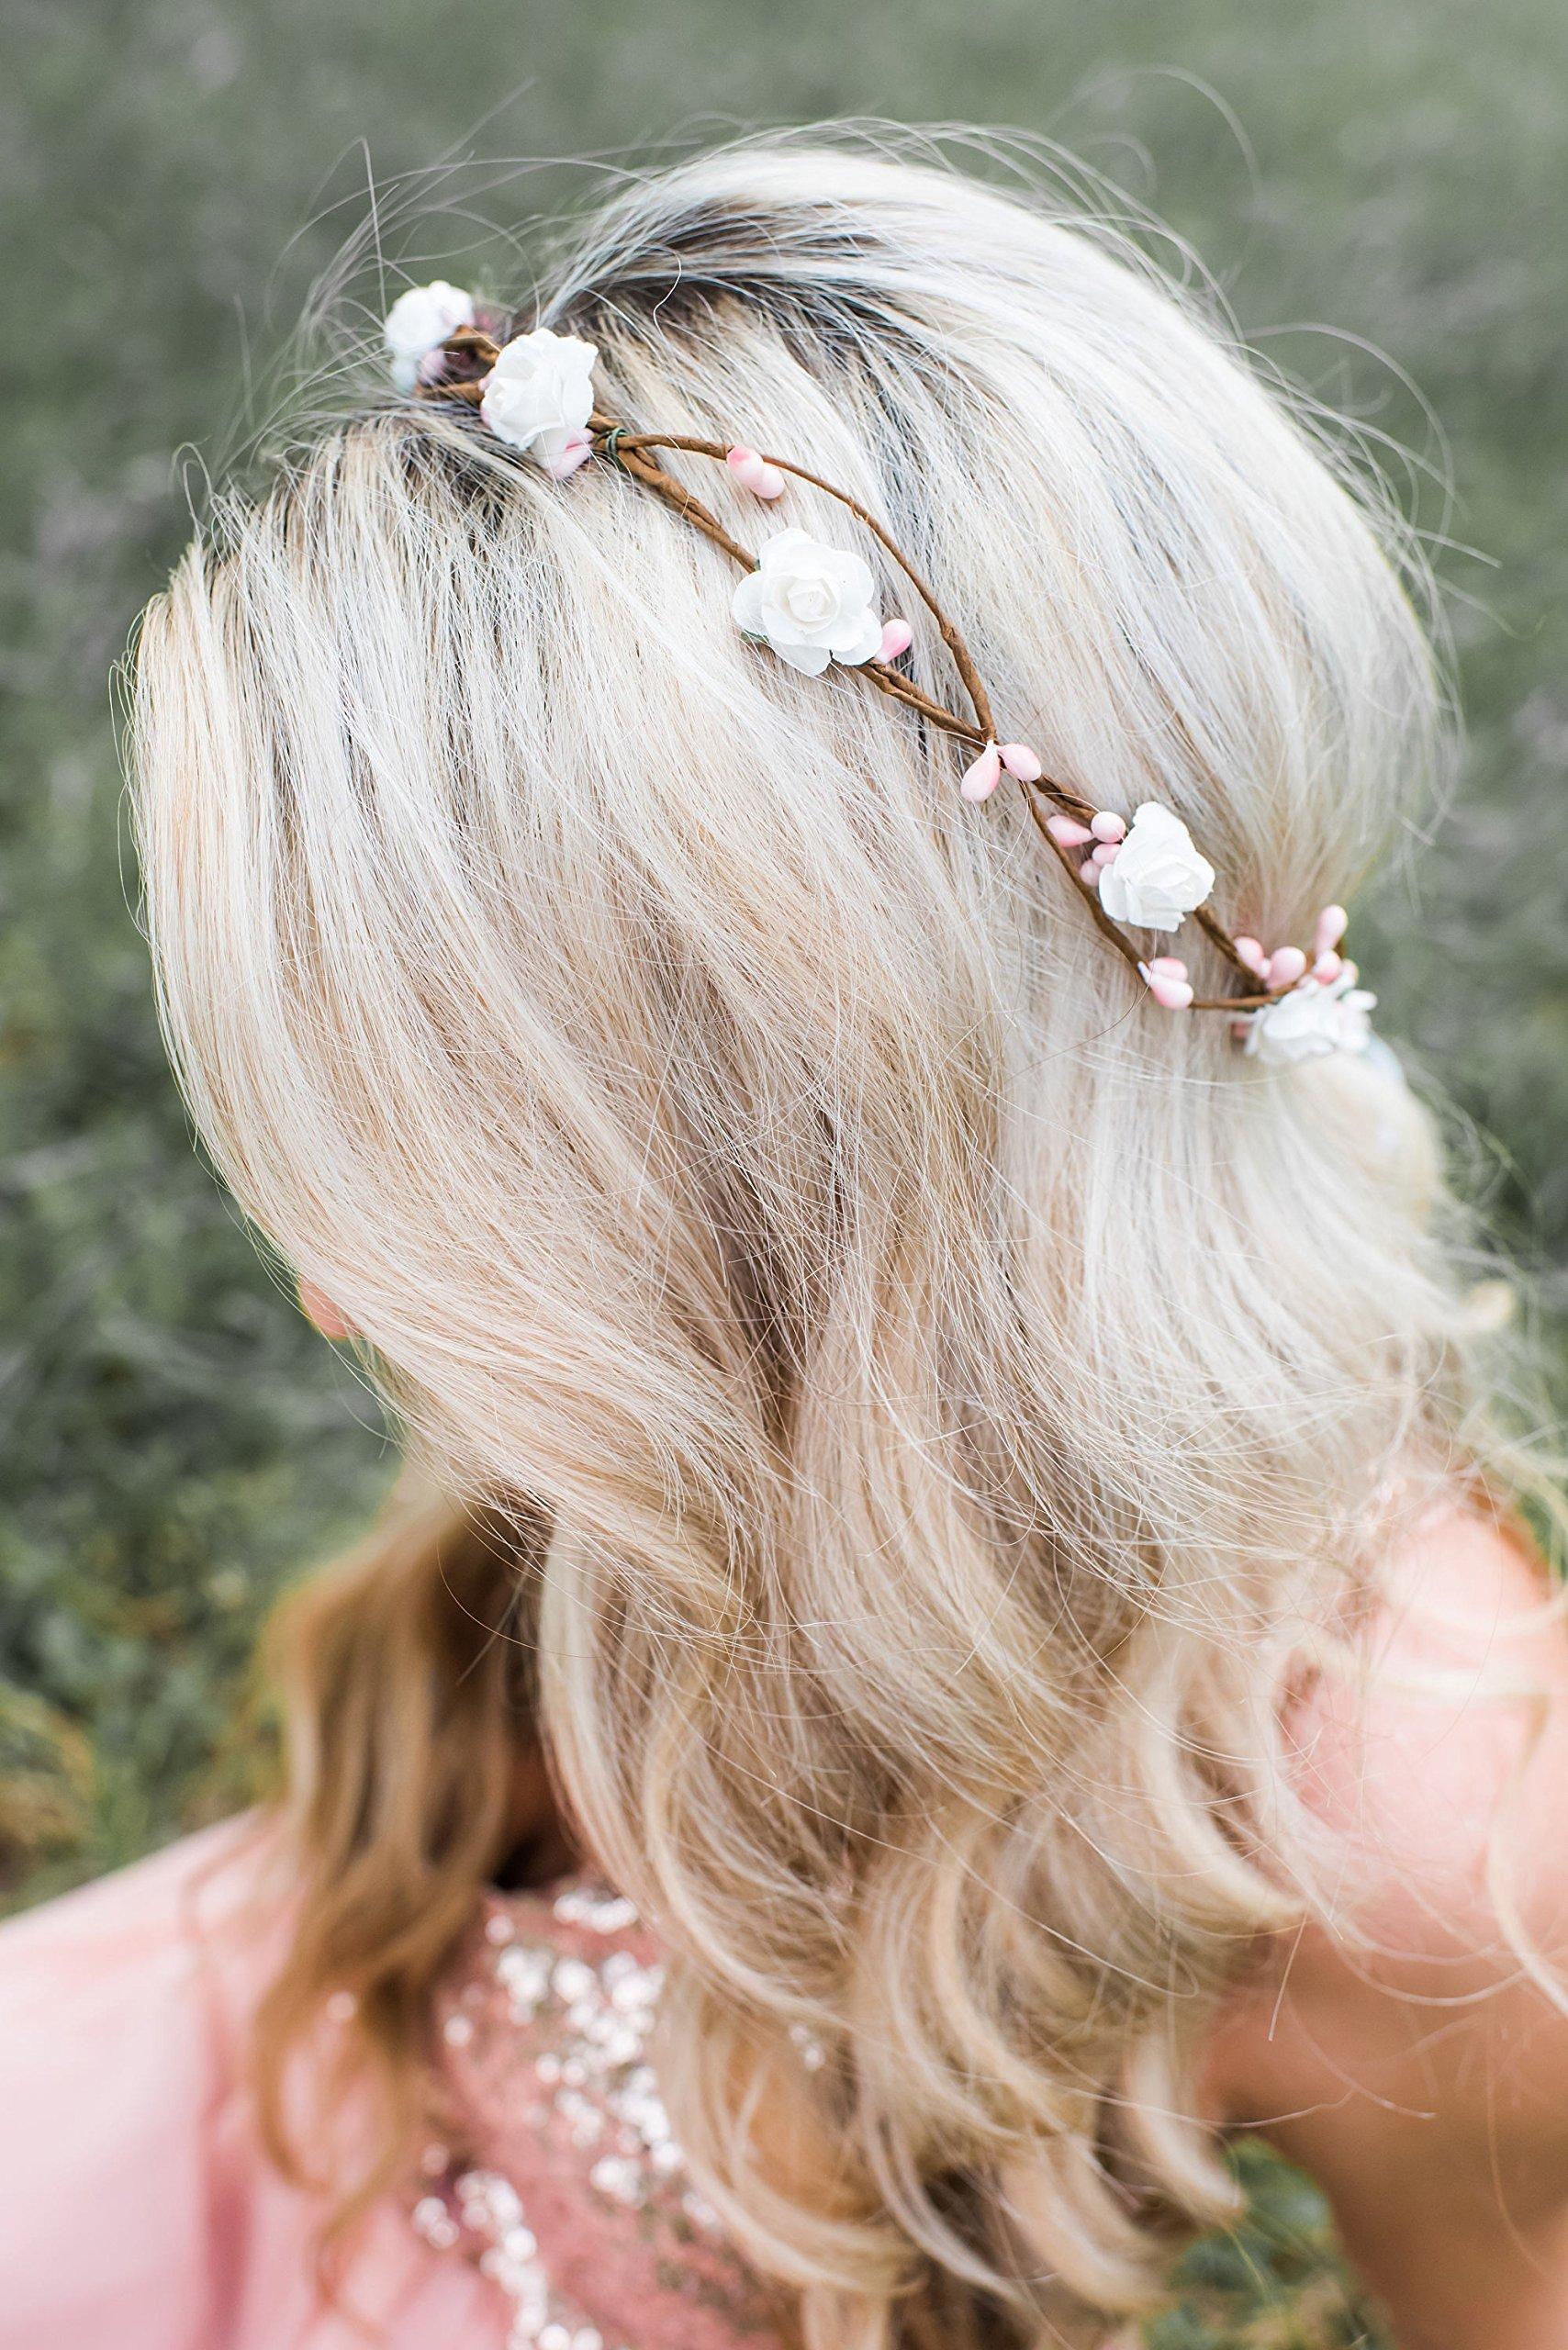 Flower Crown - Flower Crown Wreath - Soft Pink Berries